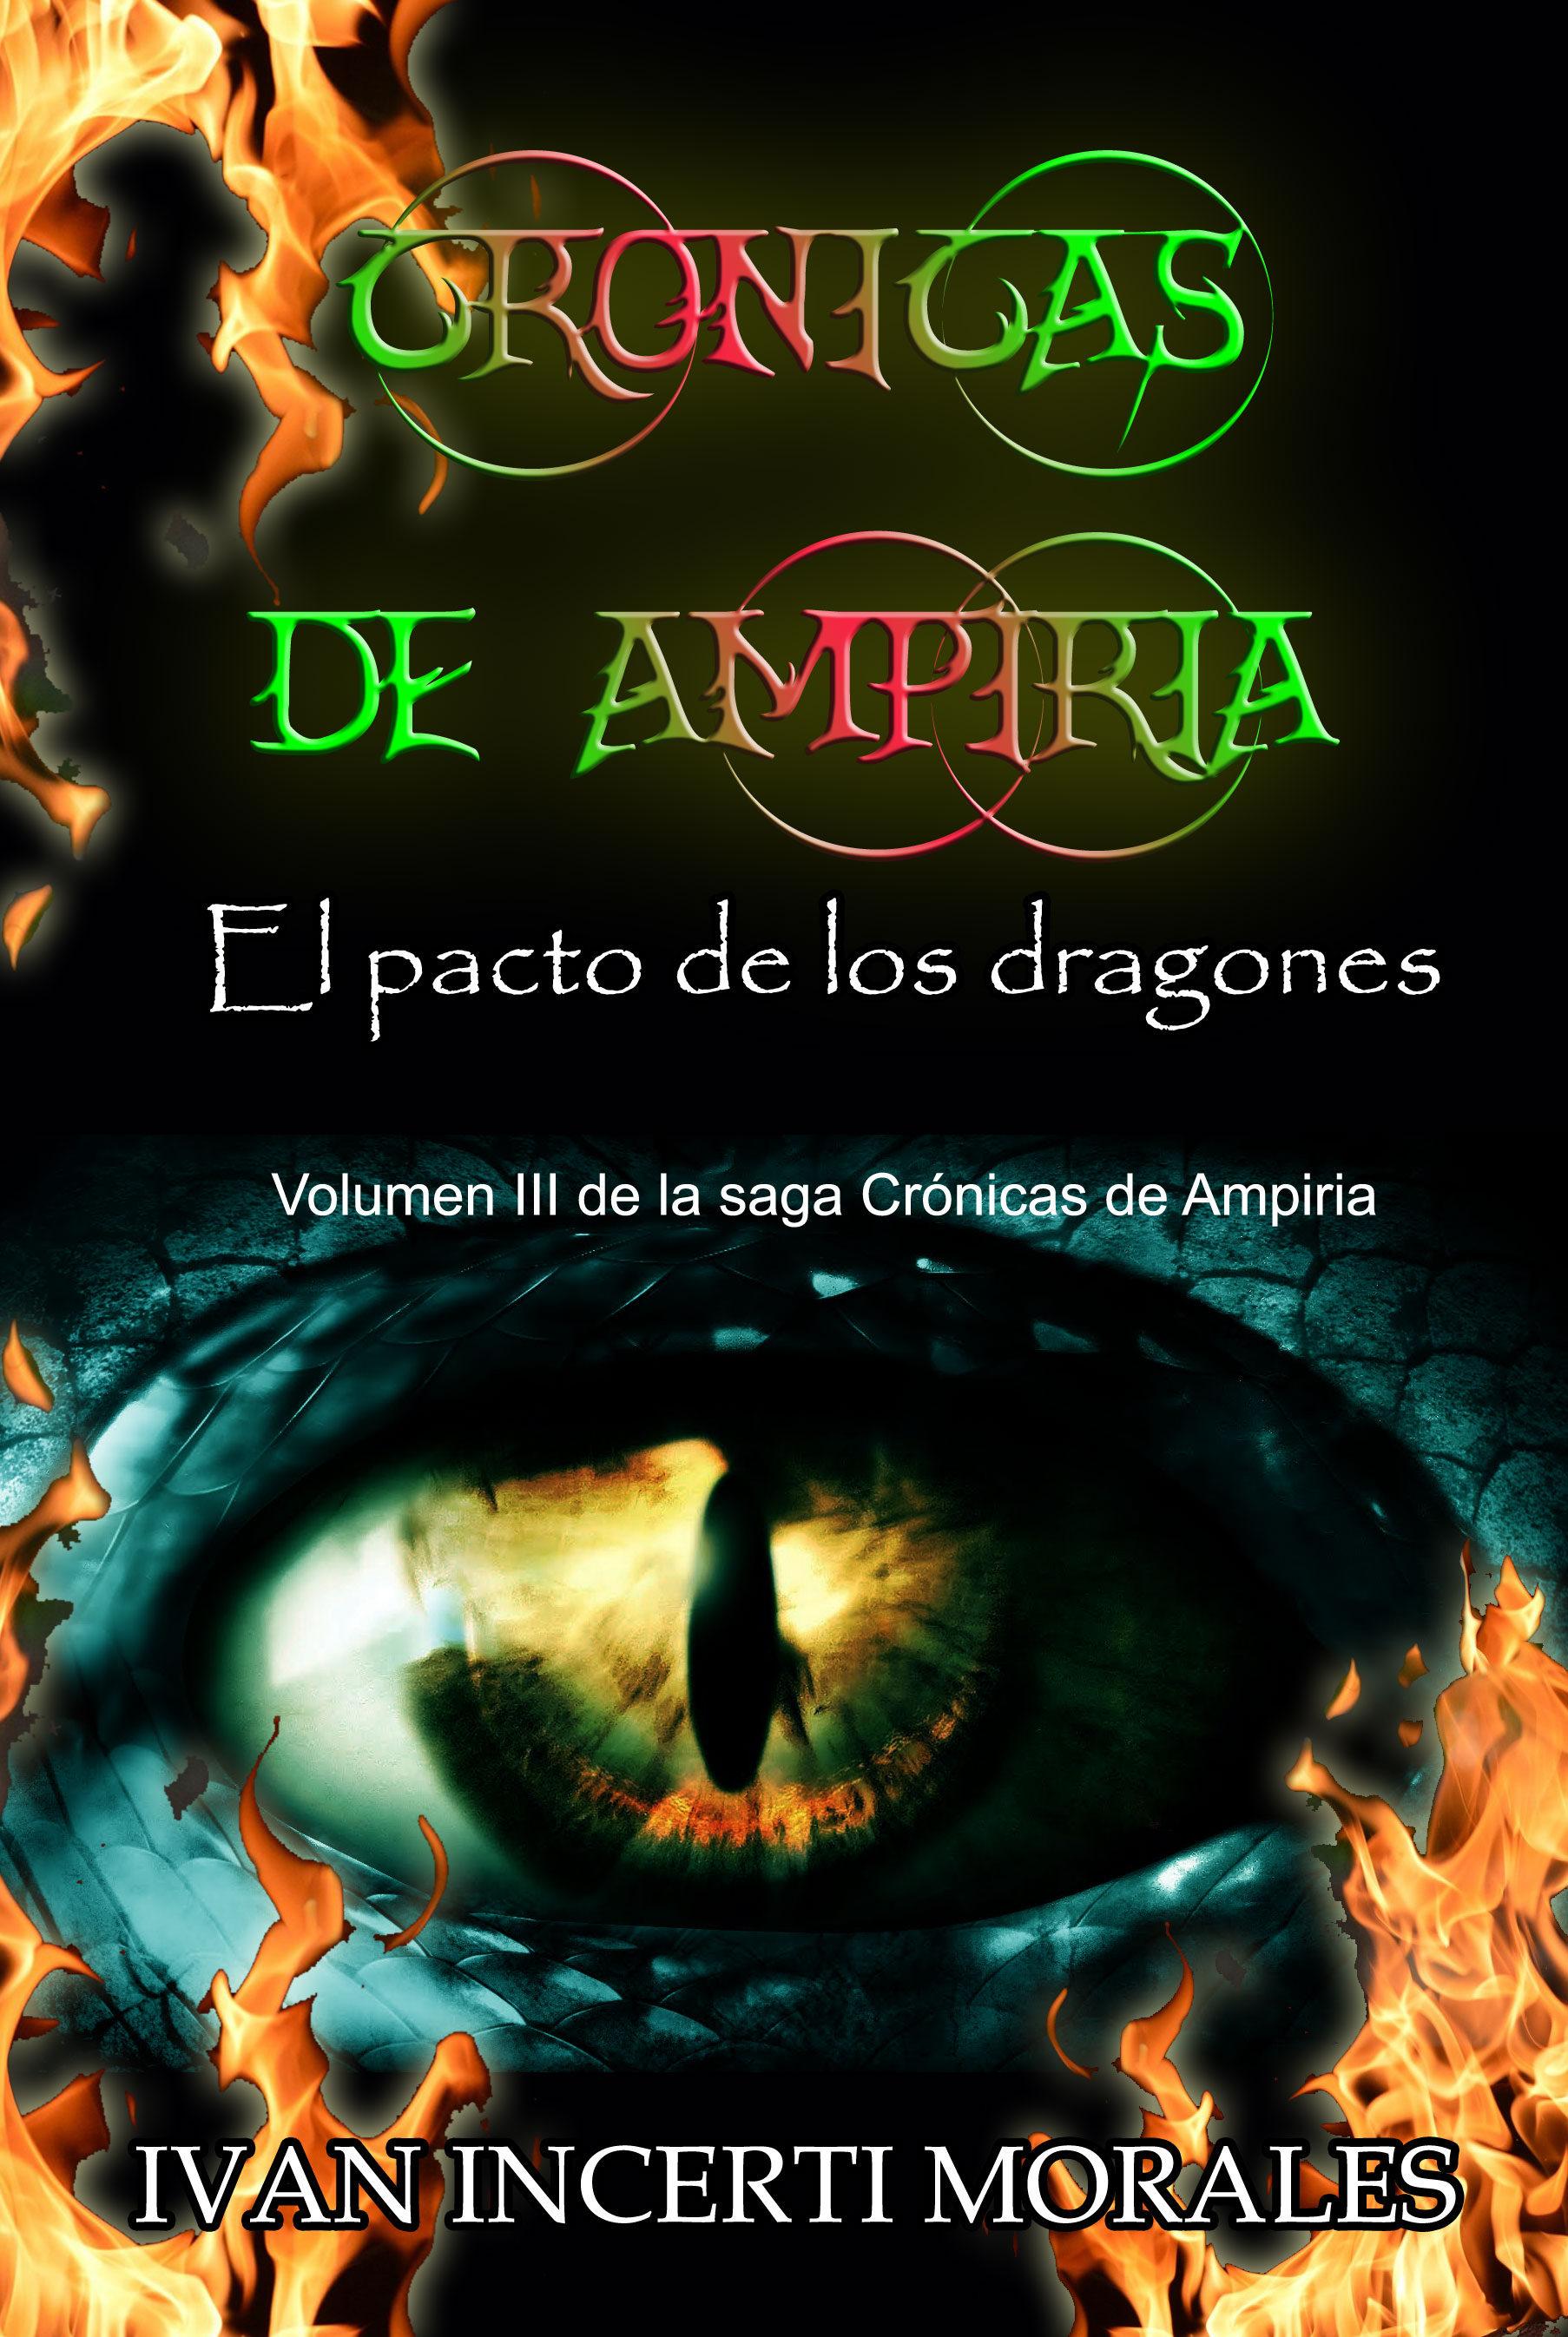 CRÓNICAS DE AMPIRIA: EL PACTO DE LOS DRAGONES (ebook)